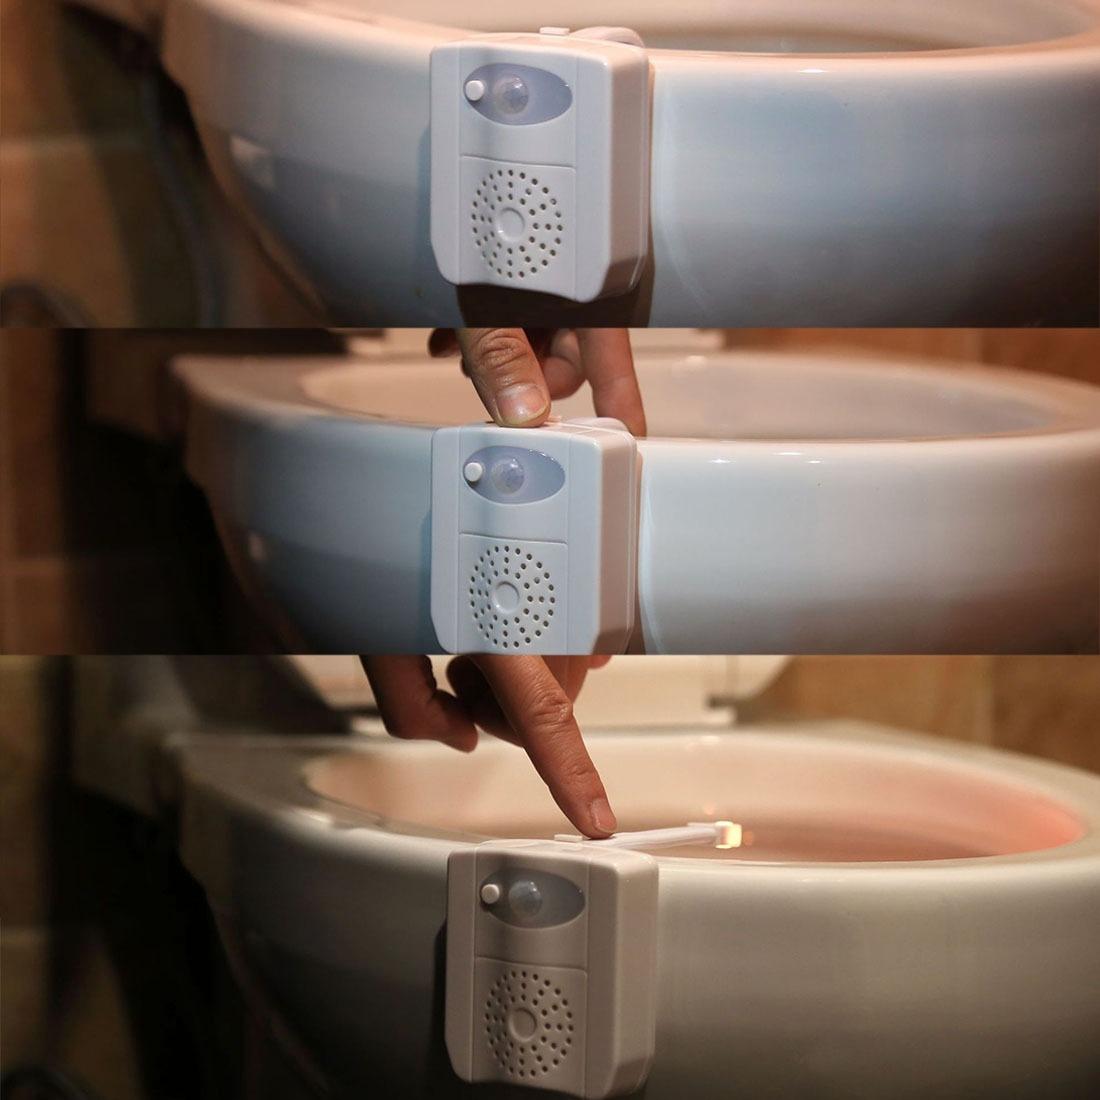 16 Color Sensor Movimiento Pir Luz Uv Esterilizacion 150800 En F Cargando Zoom